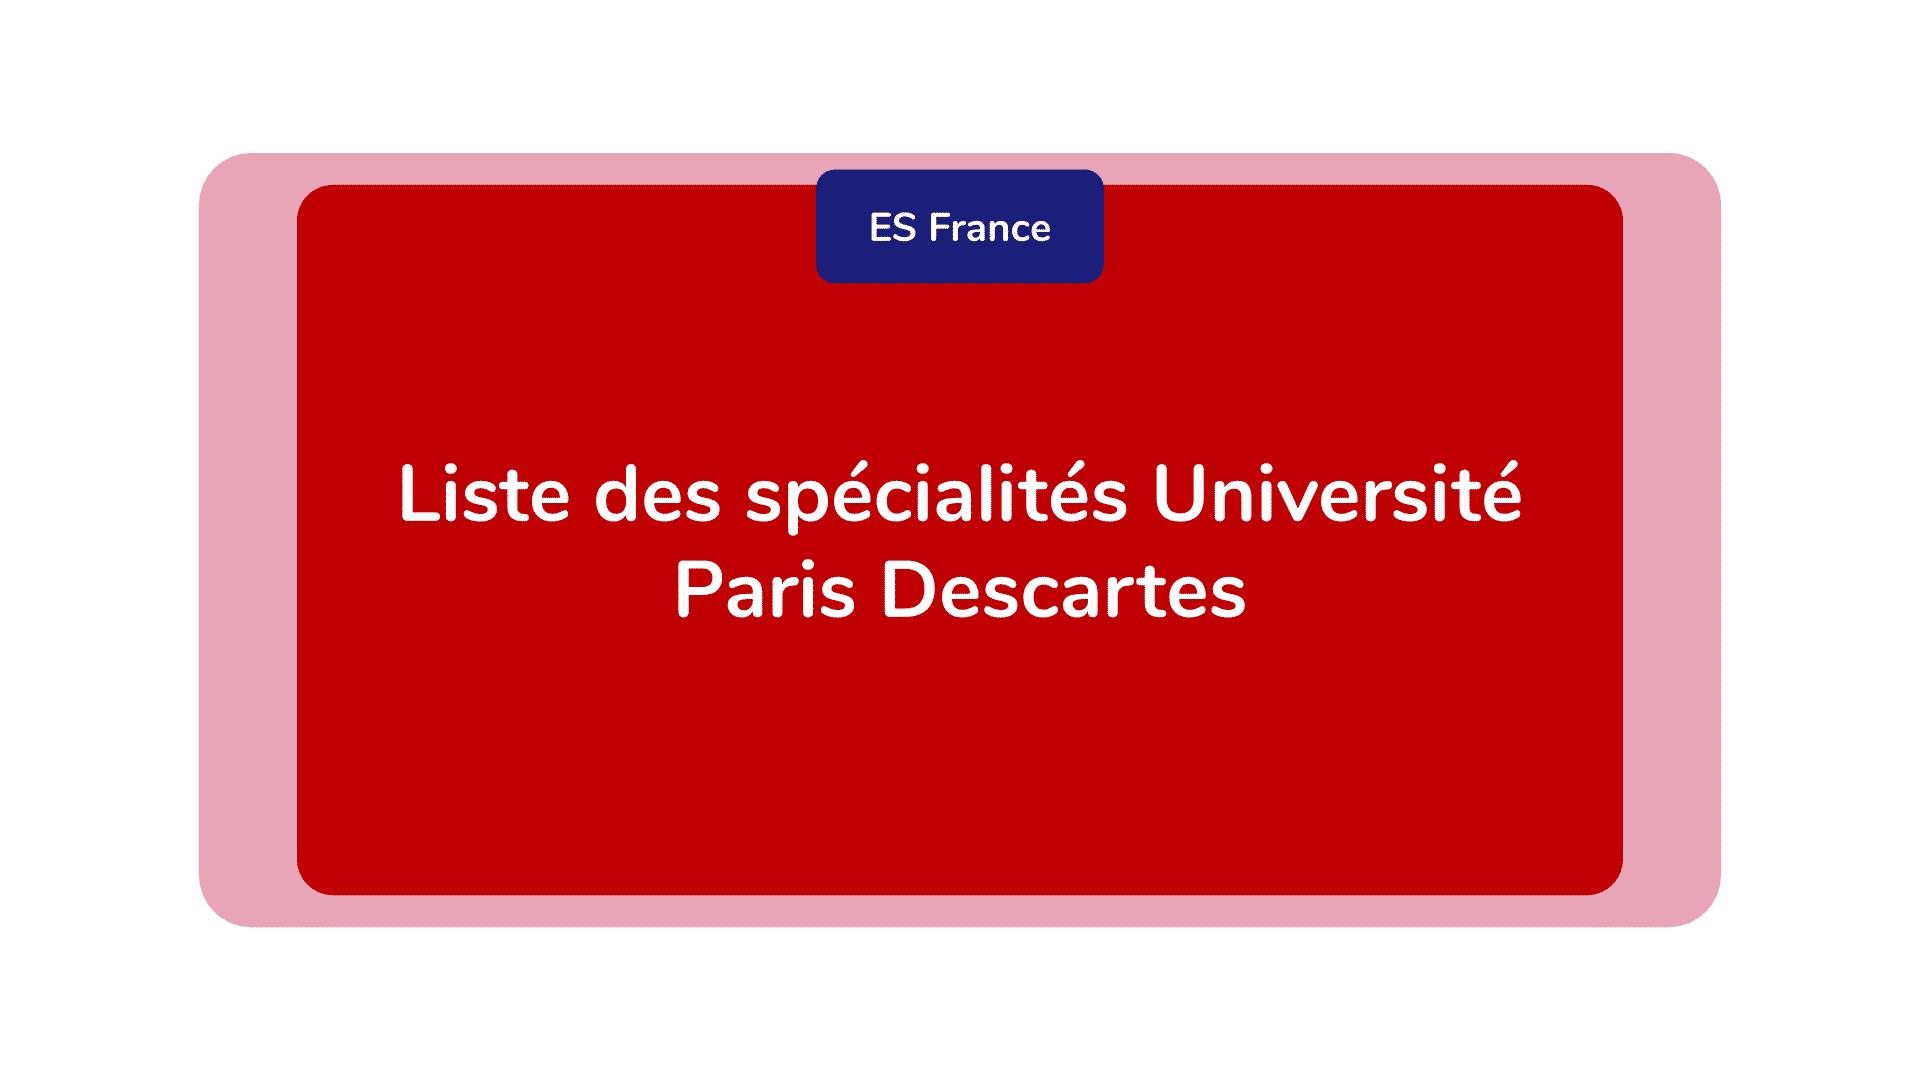 Liste des spécialités Université Paris Descartes